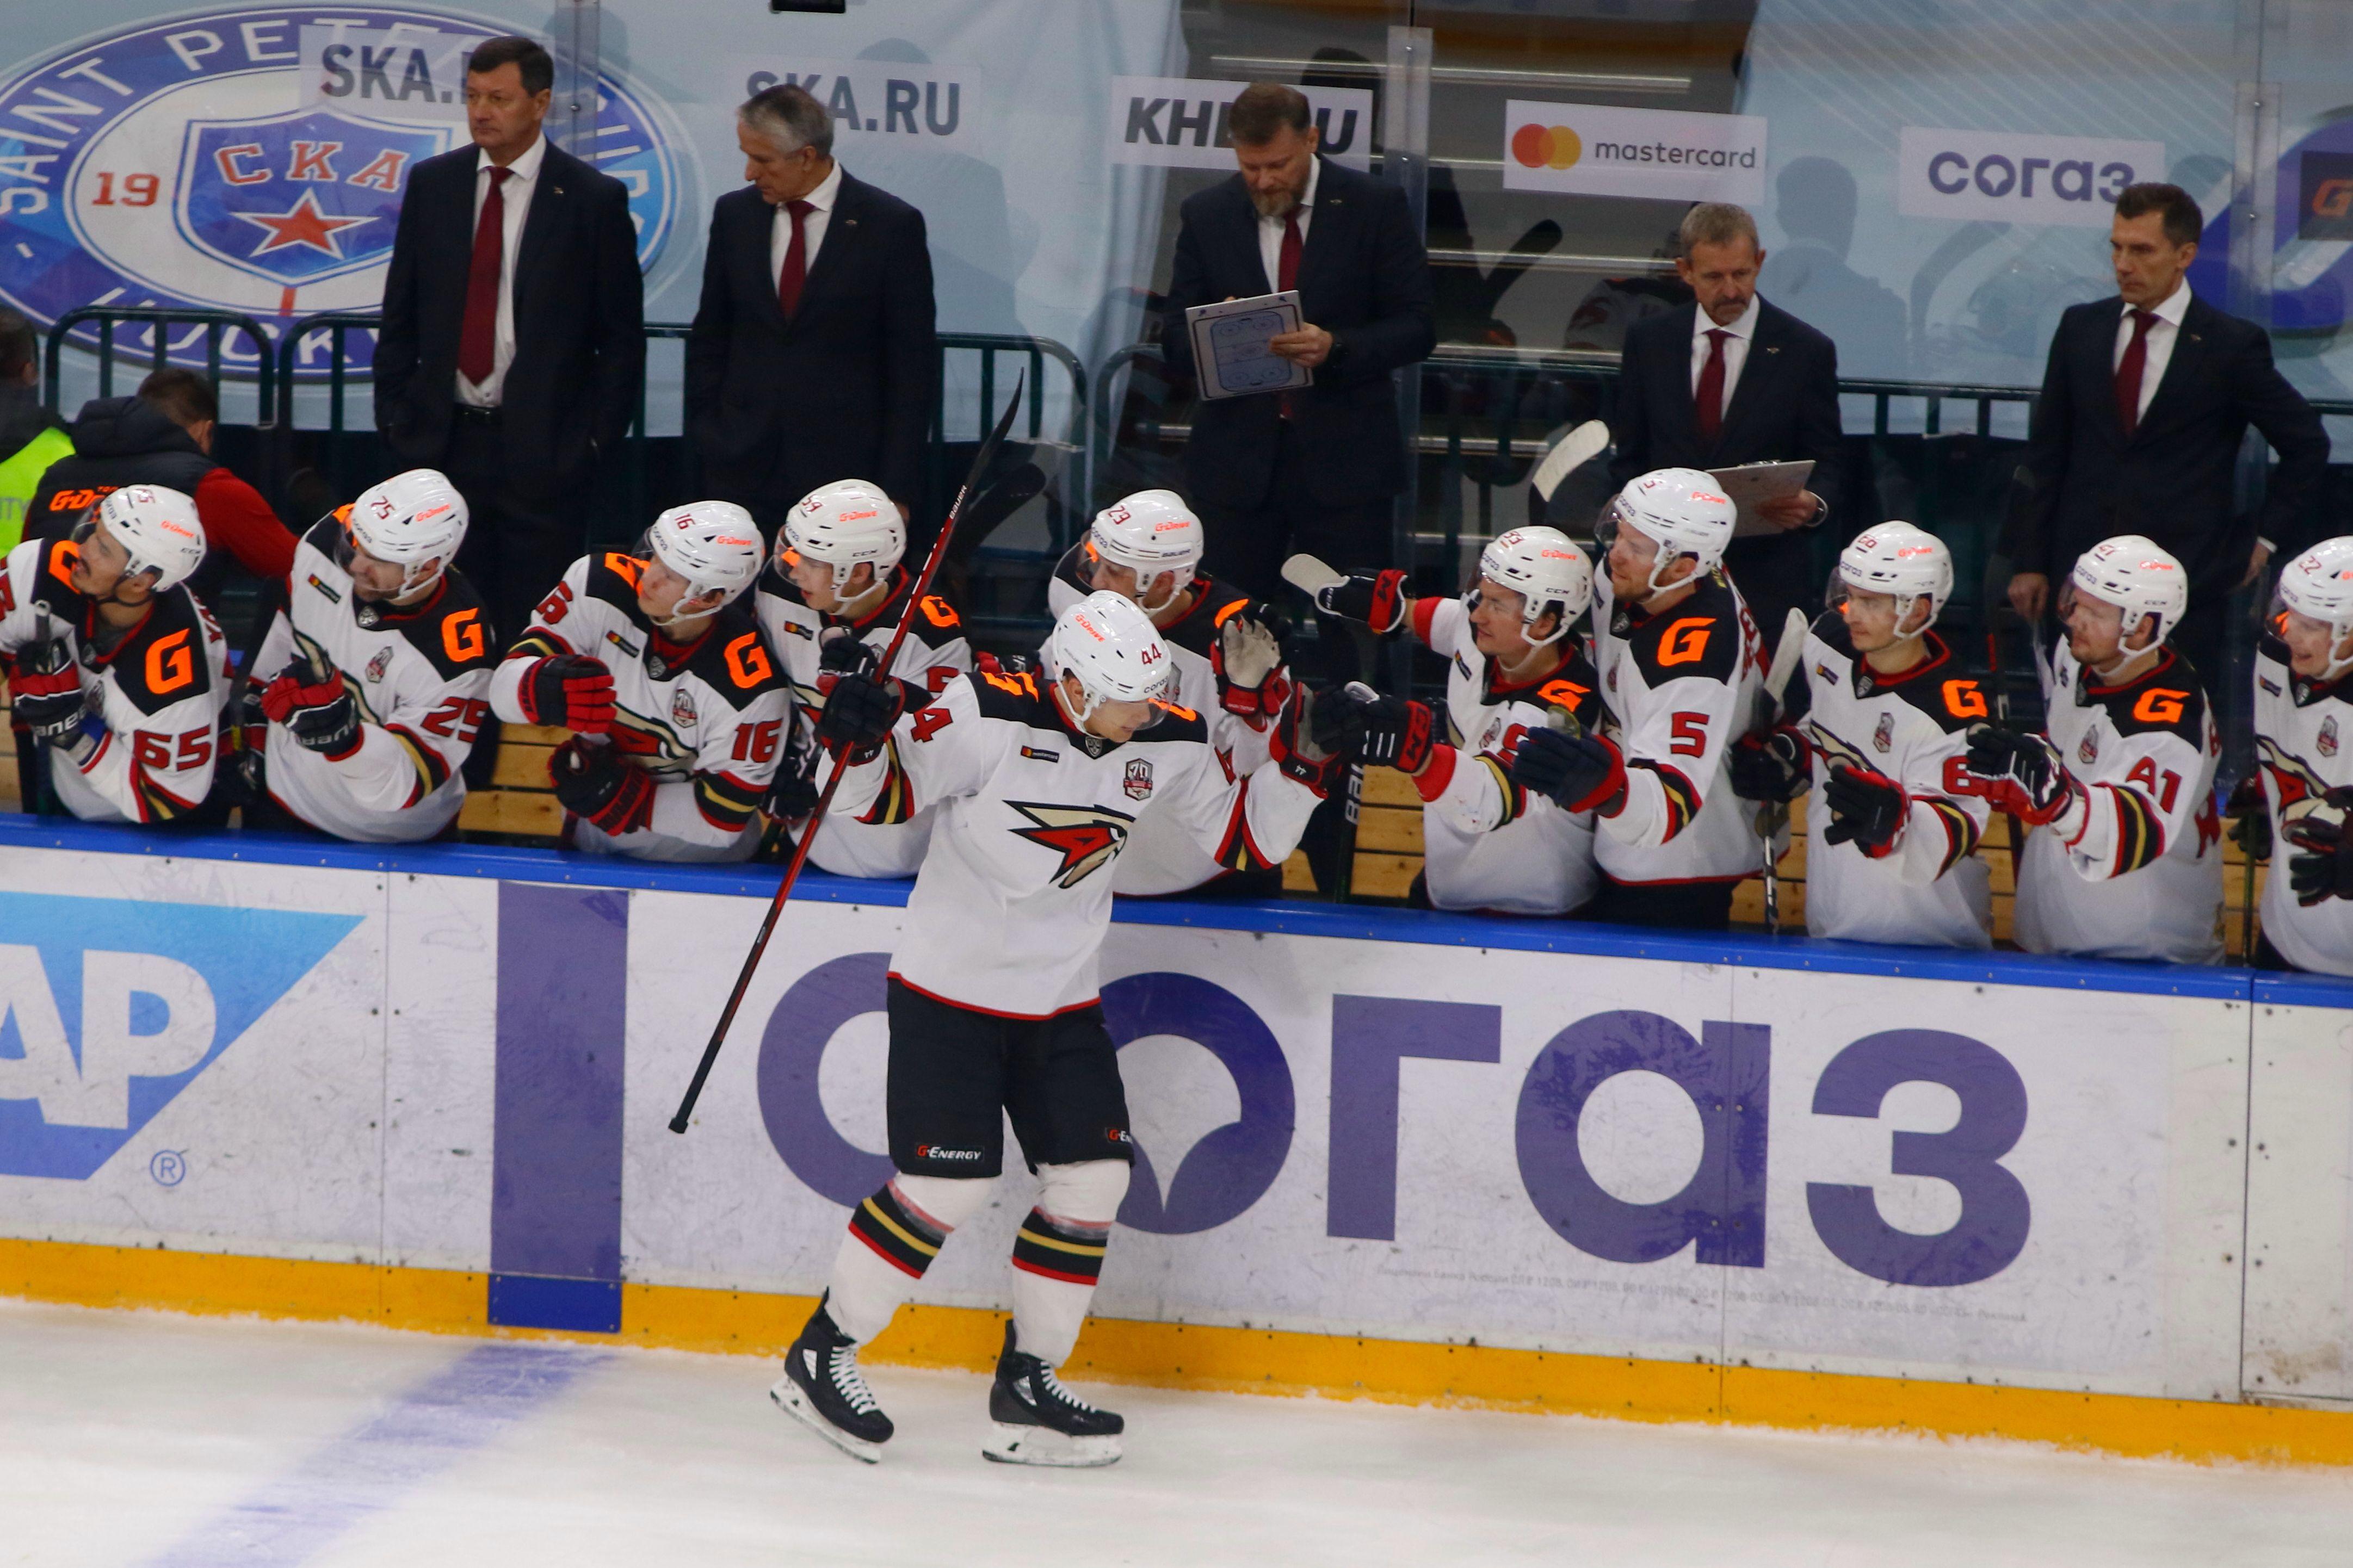 Хоккей, КХЛ, восточная конференция, финал, второй матч, Ак Барс - Авангард, прямая текстовая онлайн трансляция